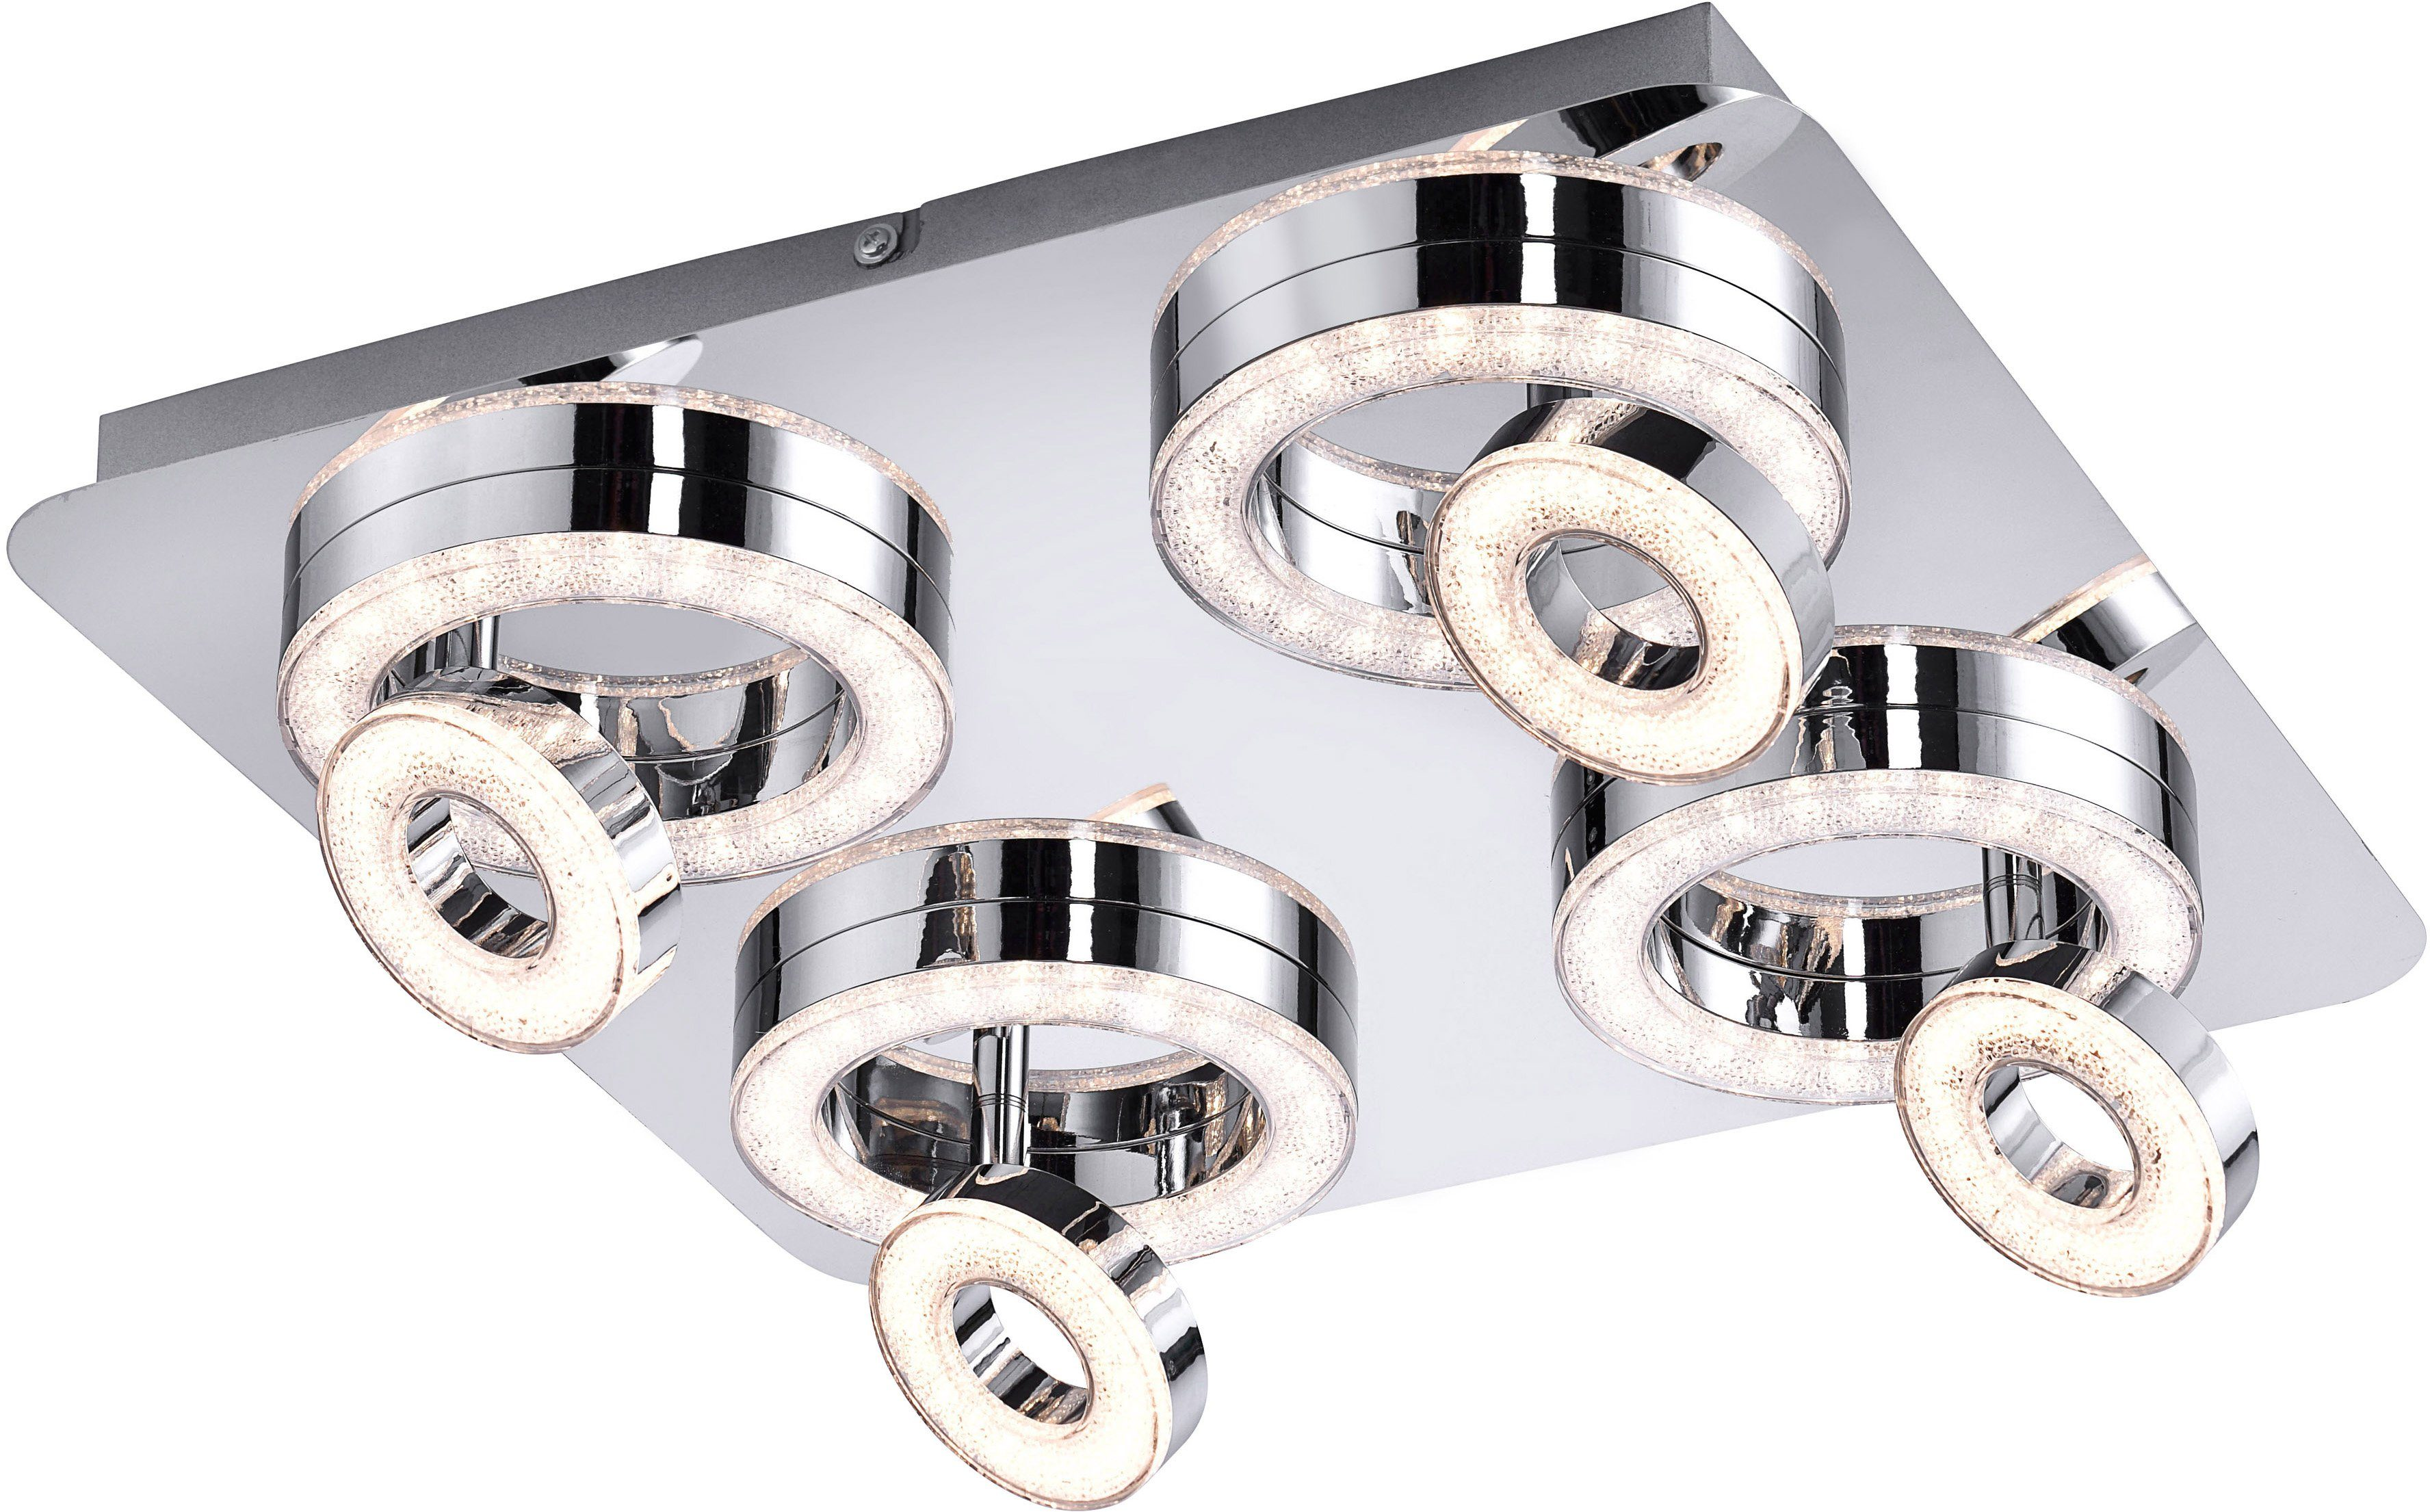 Leuchten Direkt LED-Deckenleuche (4/8flg.)